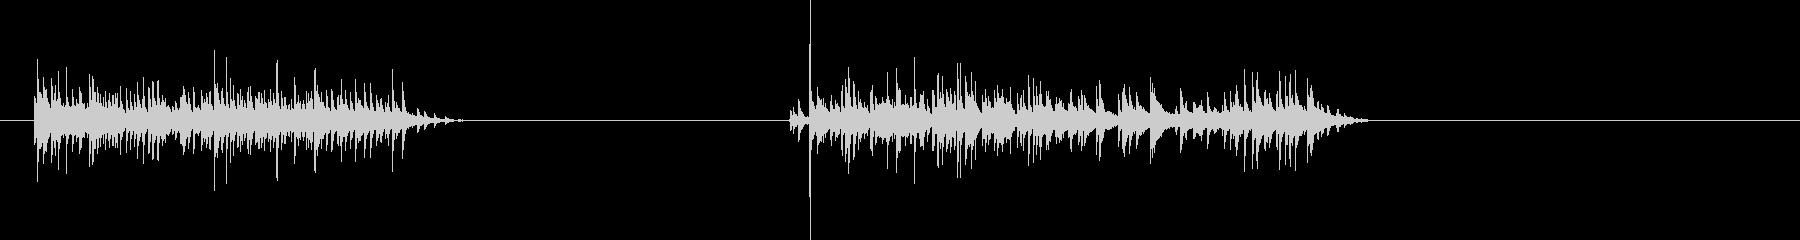 ラトルインキャン-2エフェクト;缶...の未再生の波形